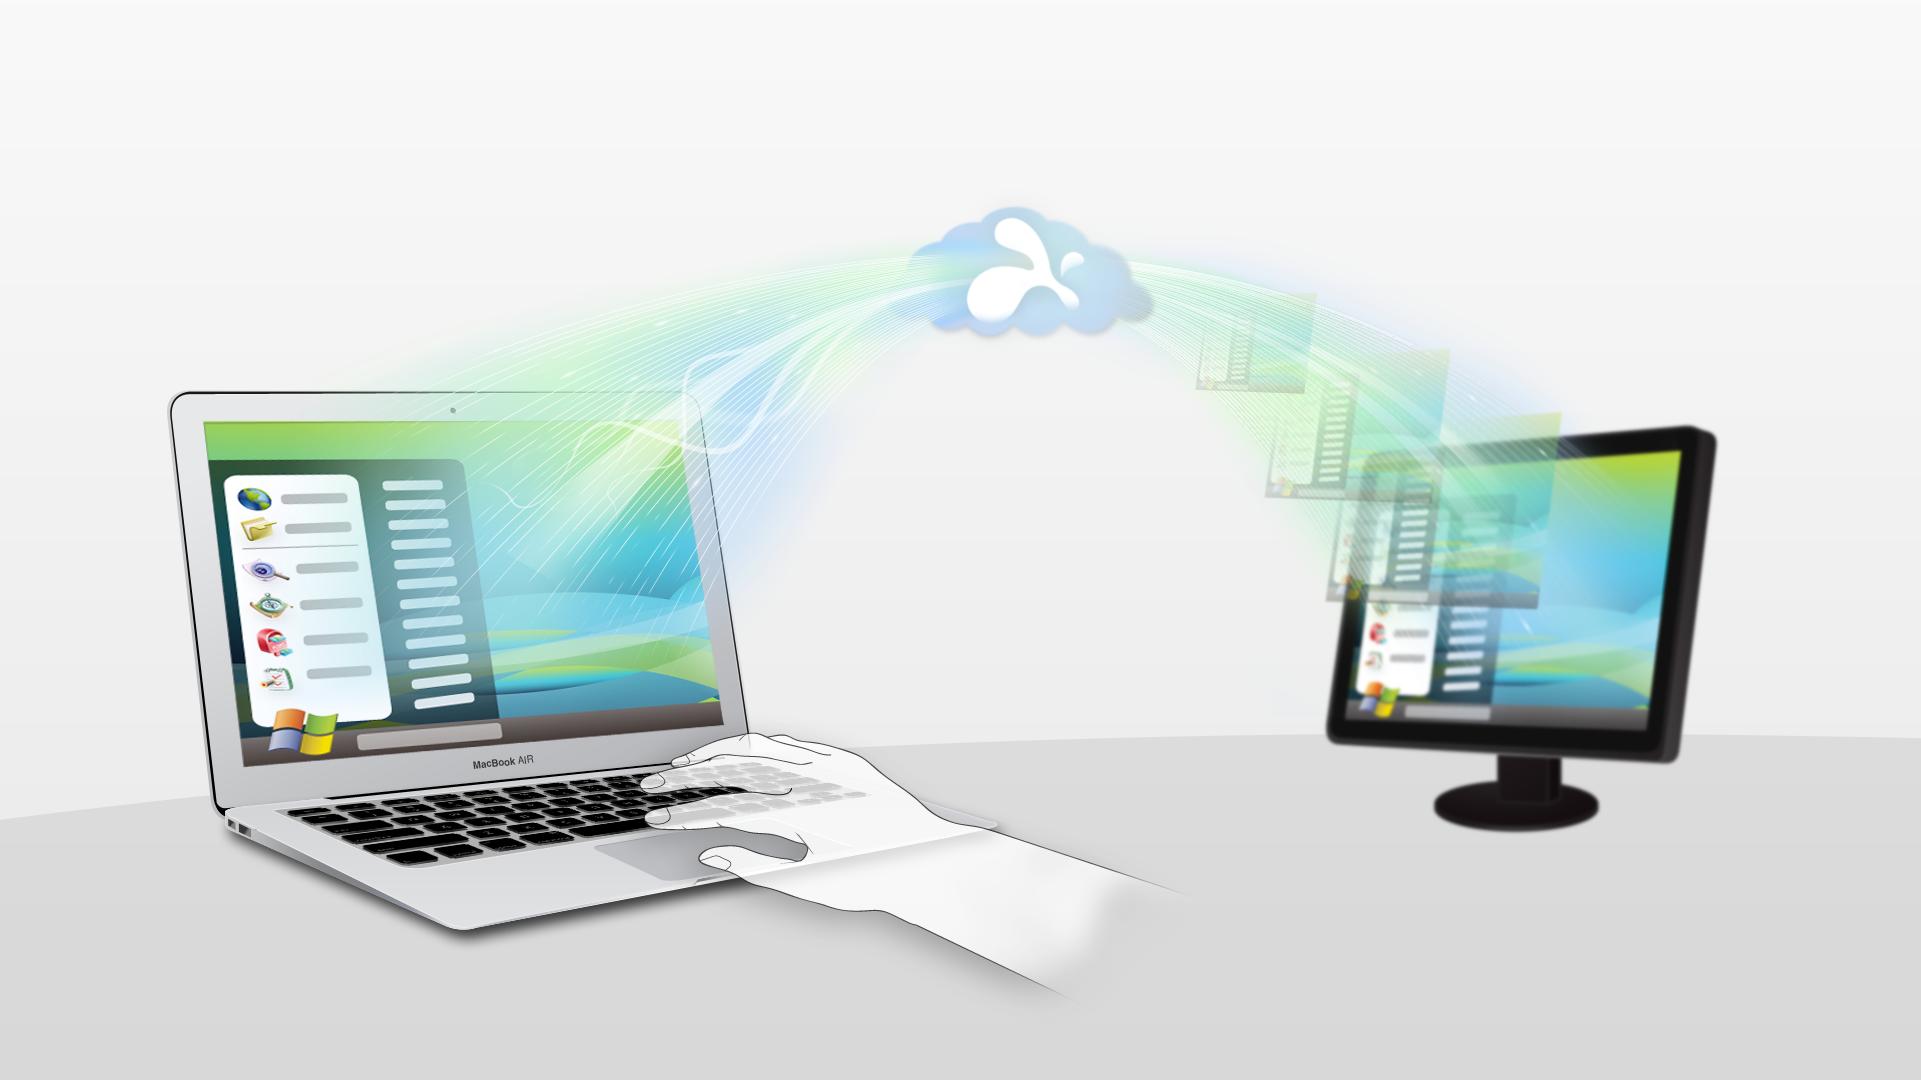 Как подключить удалённый доступ к компьютеру через интернет